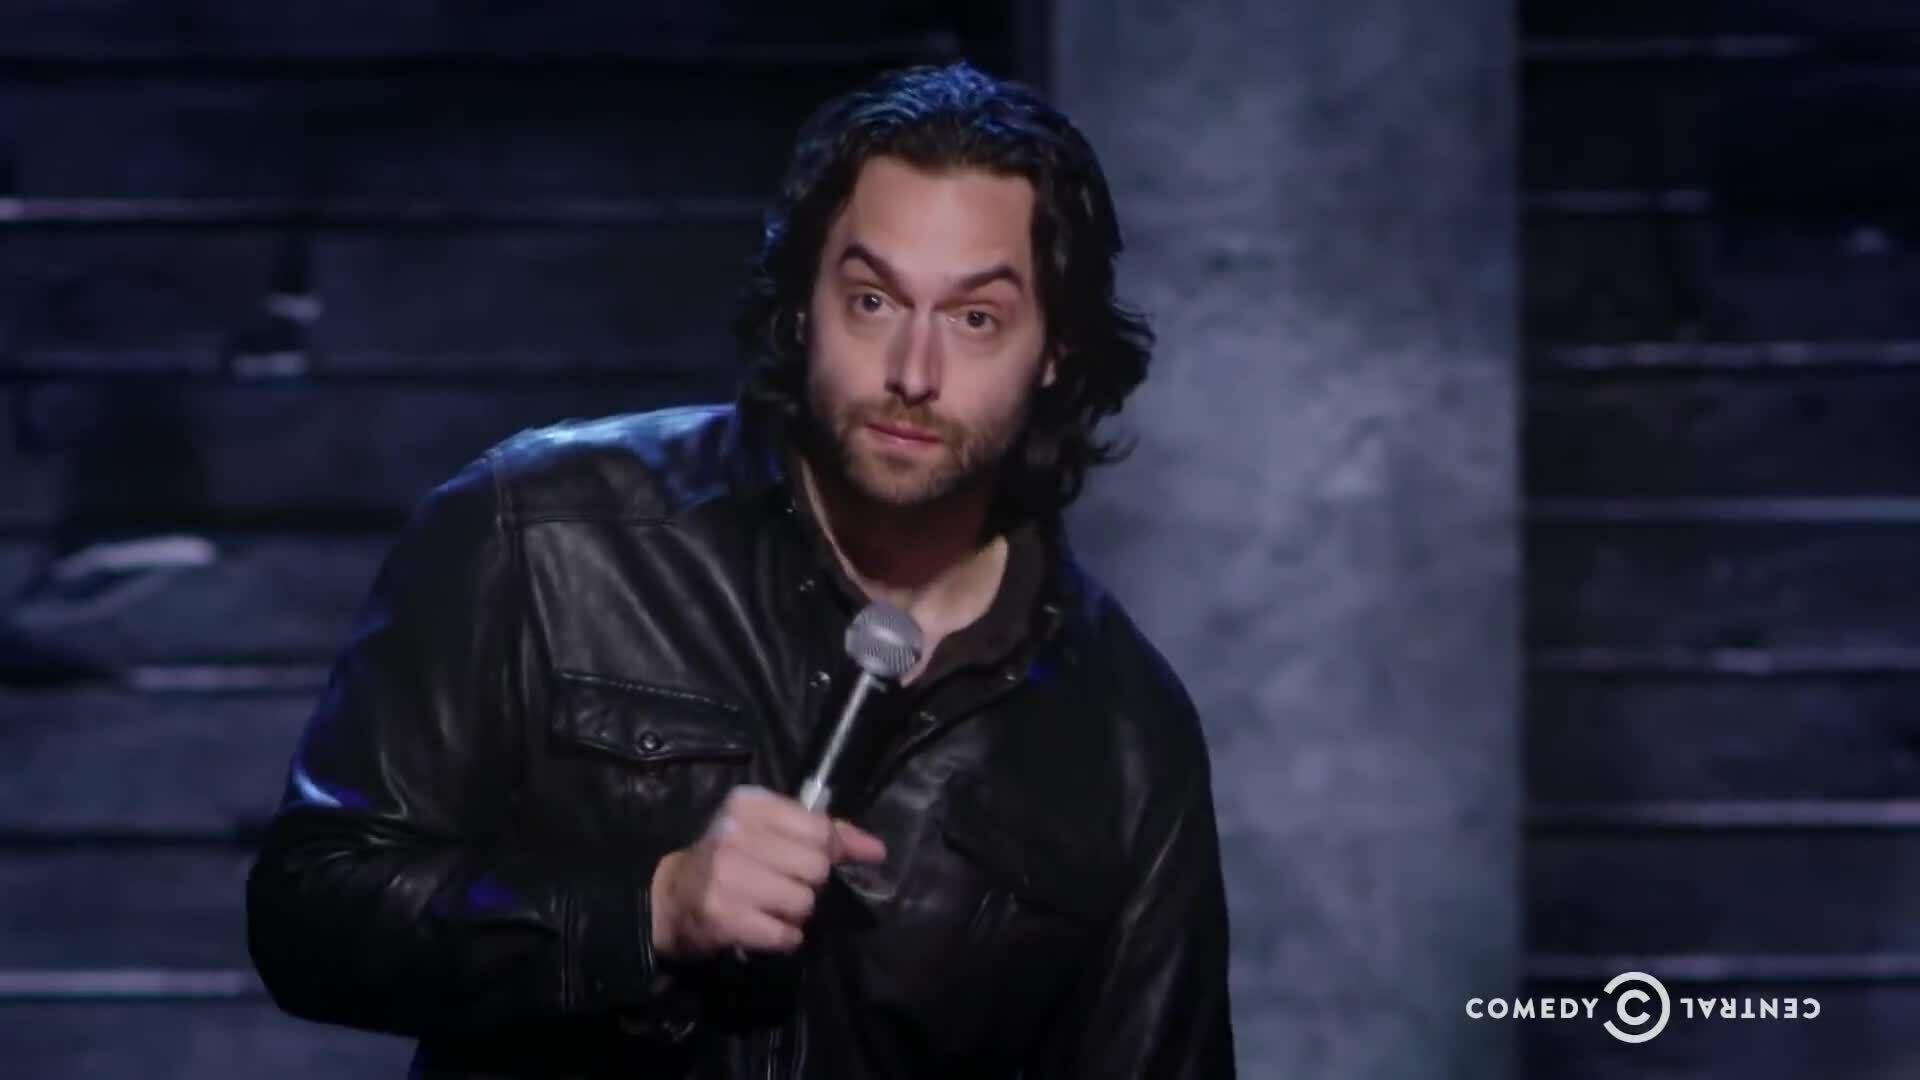 Chris D'Elia diễn hài độc thoại